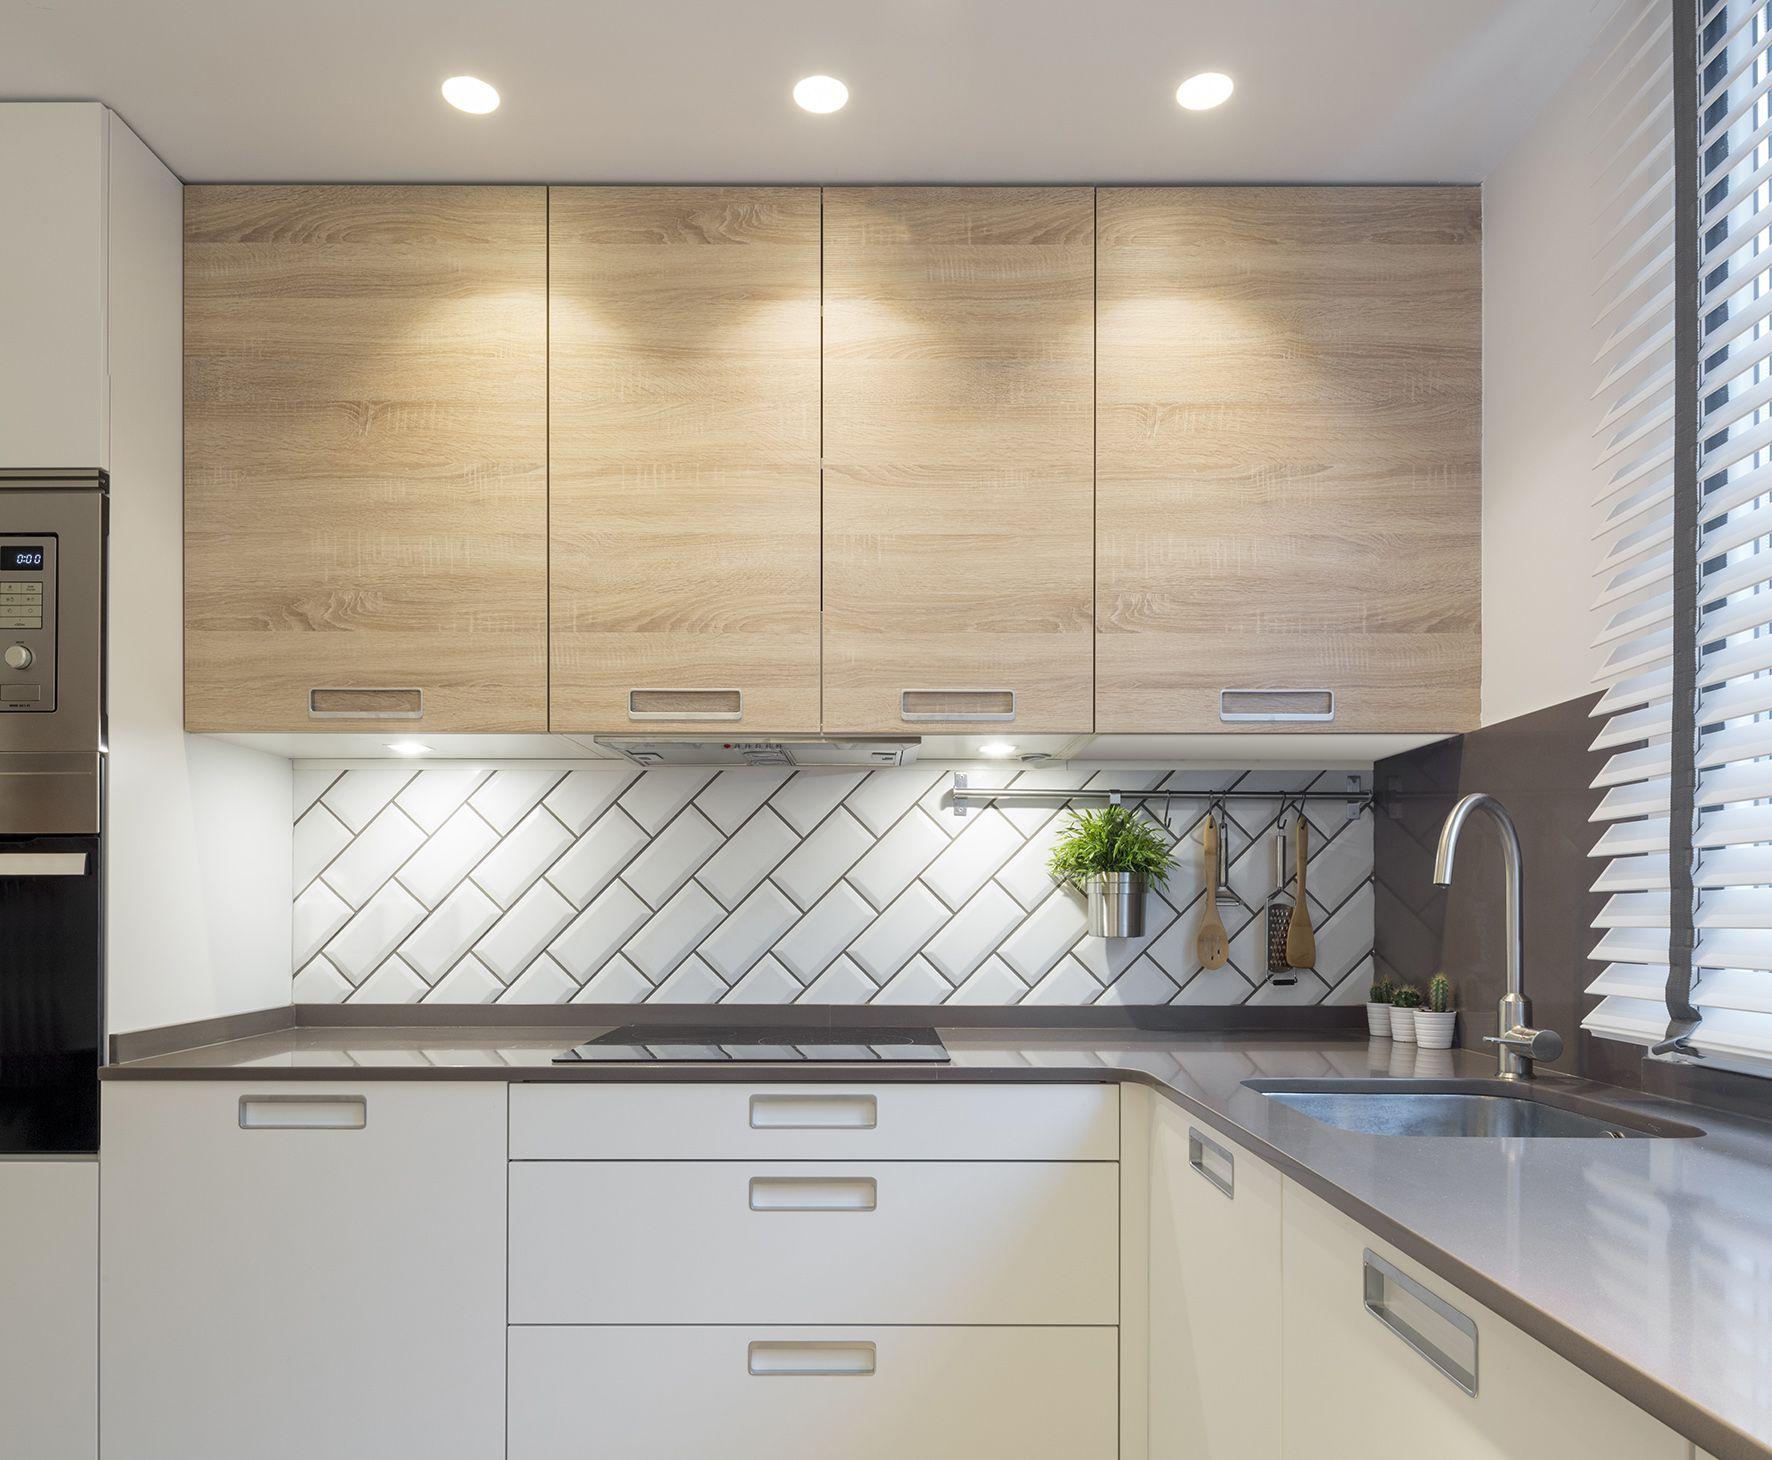 Cocina modelo ariane de la casa santos en acabado blanco y - Encimeras de azulejos ...